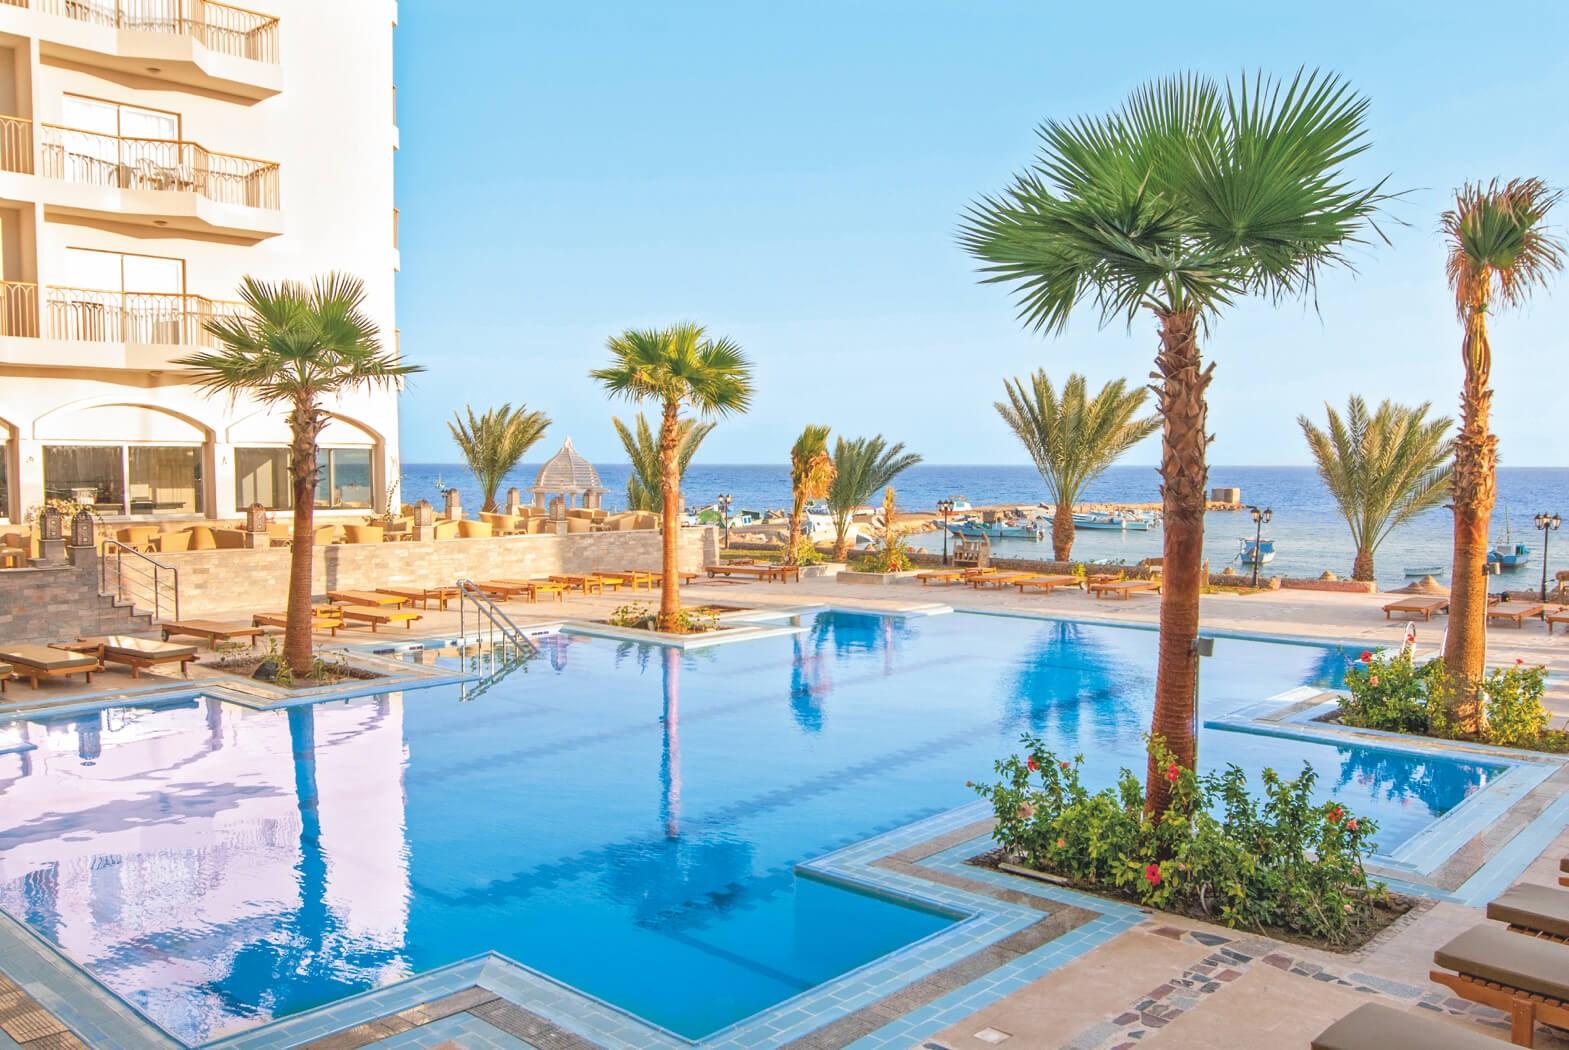 Hotel Royal Star Three Corners Royal Star Hurghada Egypt Pobytovac Zajazdy